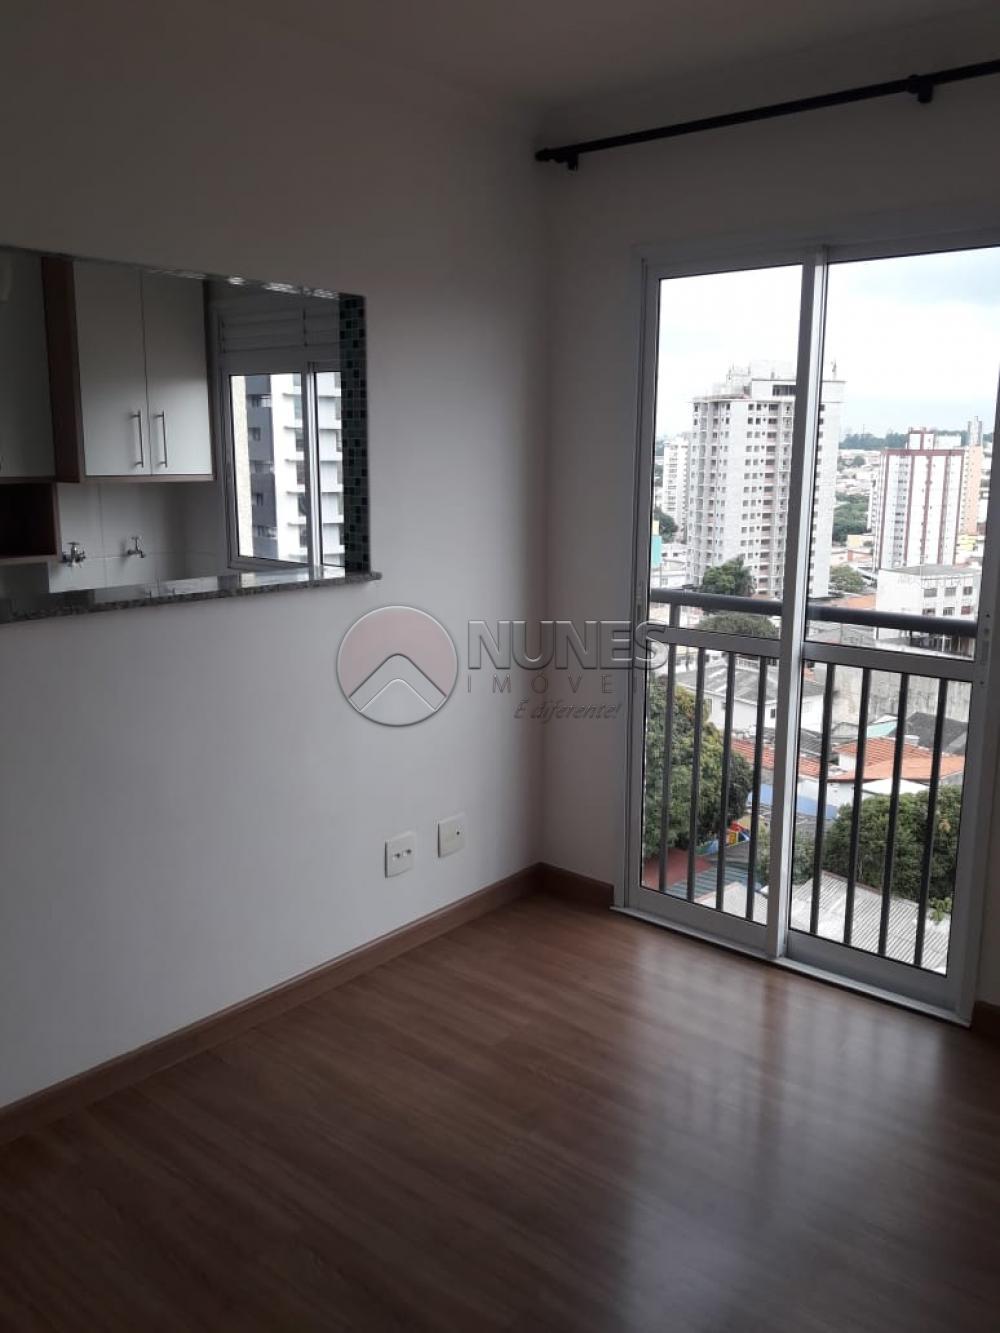 Comprar Apartamento / Padrão em Osasco apenas R$ 297.000,00 - Foto 4